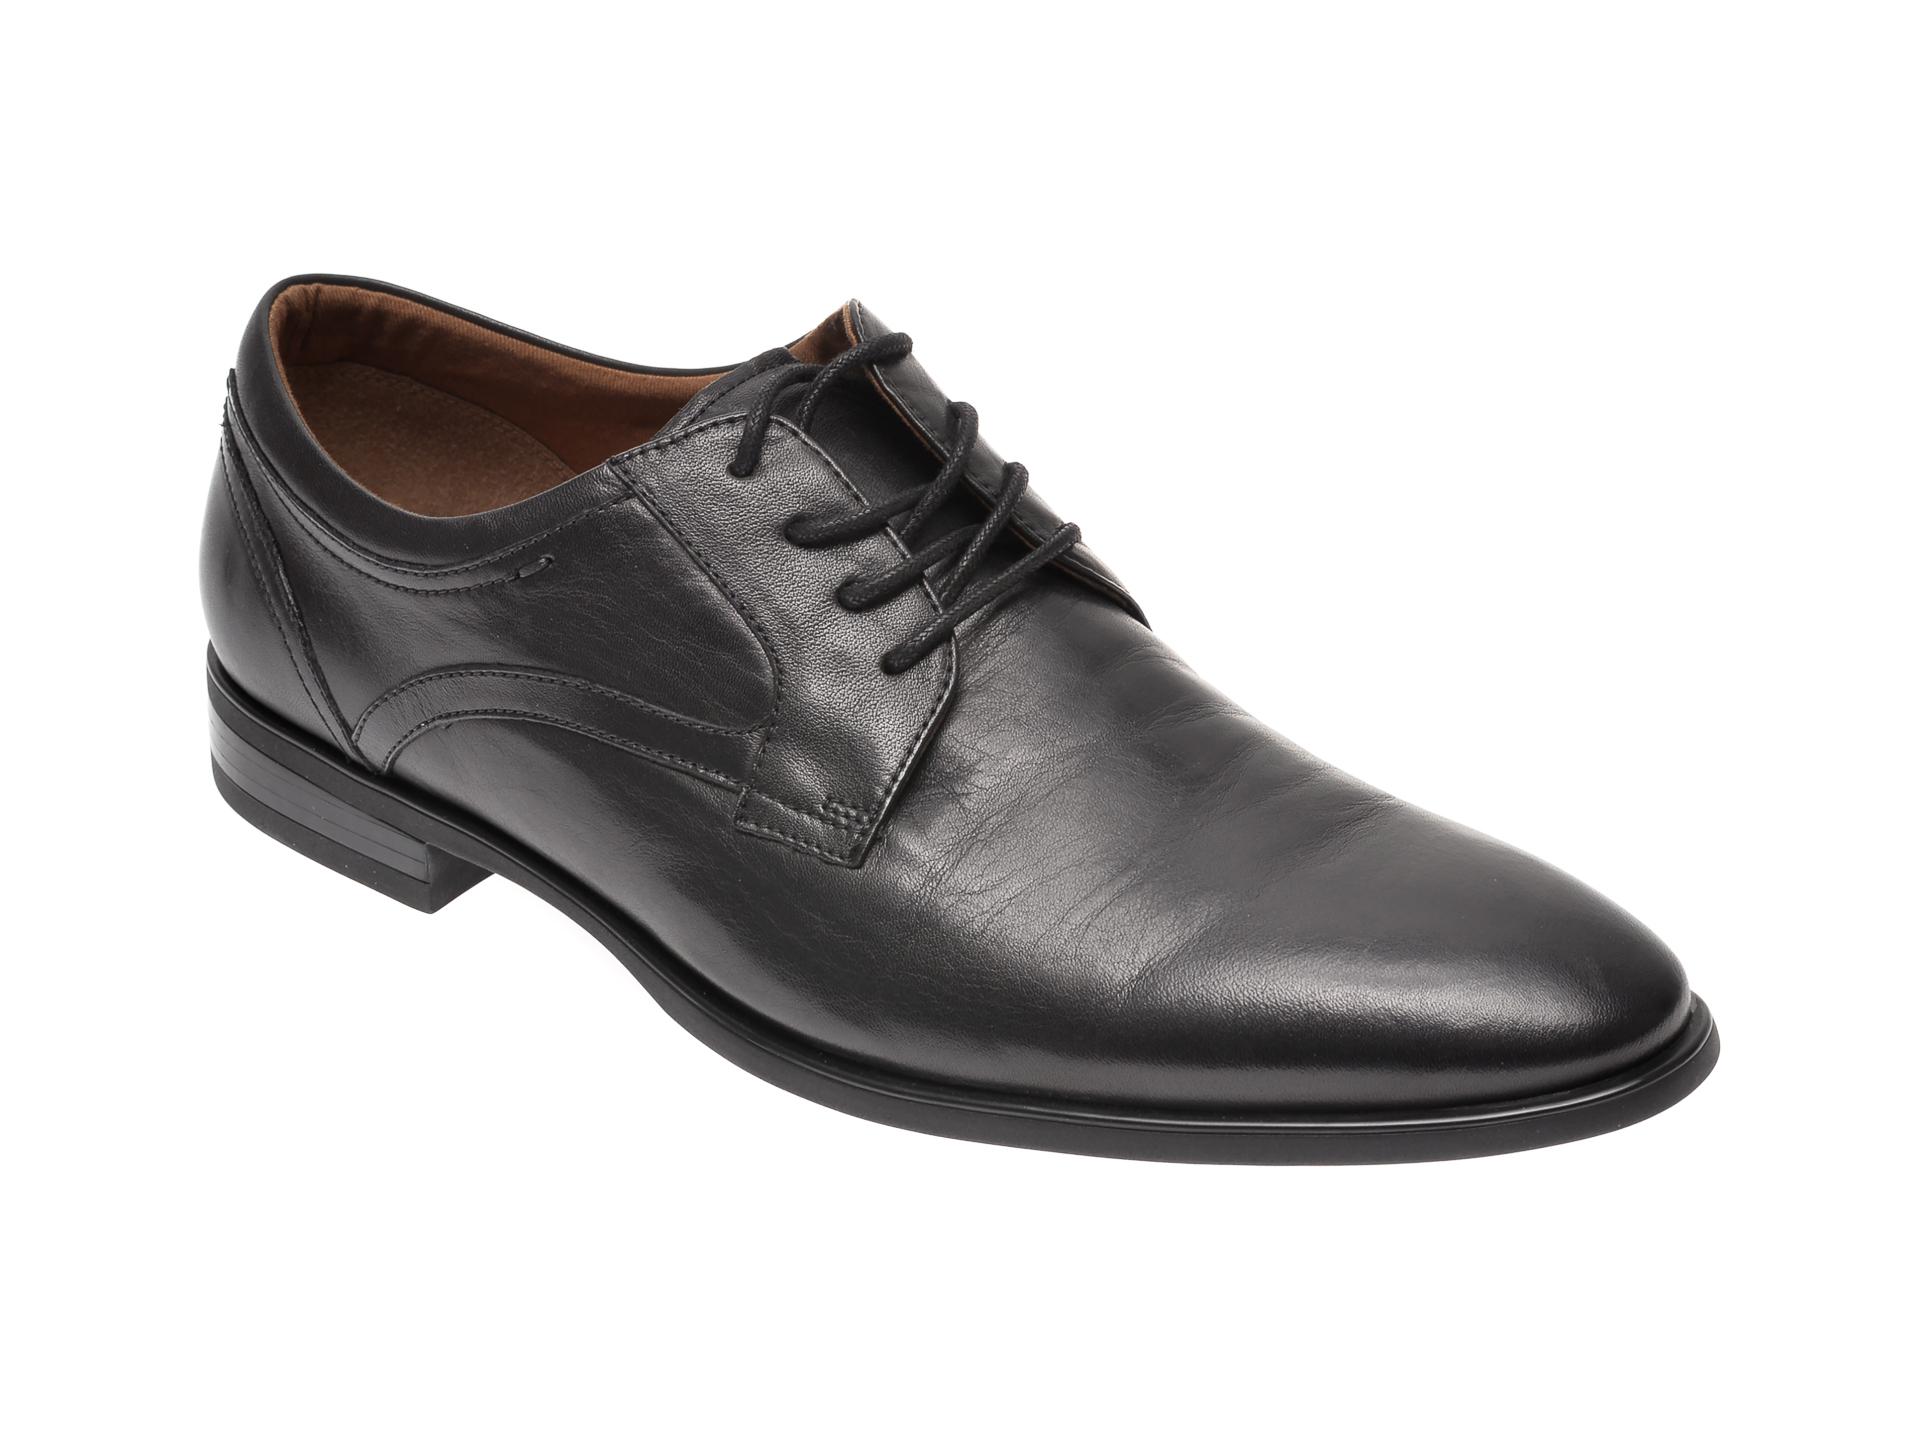 Pantofi ALDO negri, Erareven001, din piele naturala imagine